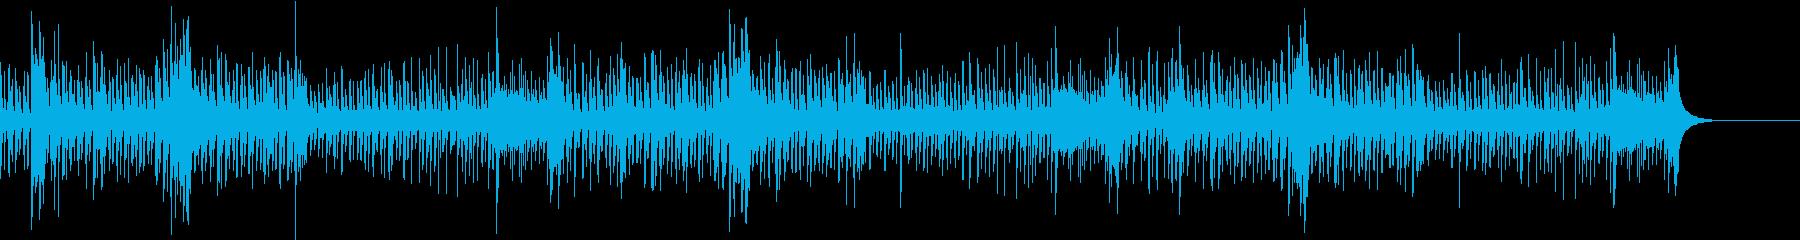 楽しいおもちゃの音楽隊風の再生済みの波形